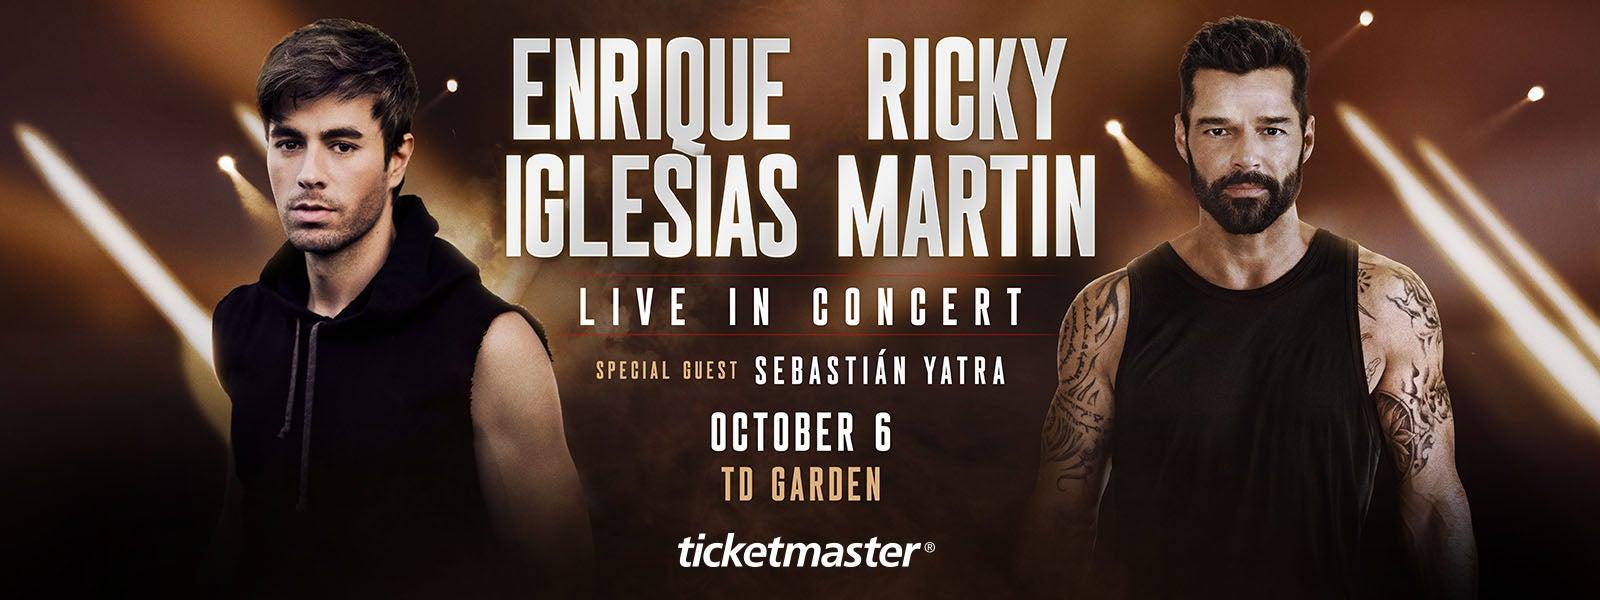 Enrique Iglesias & Ricky Martin